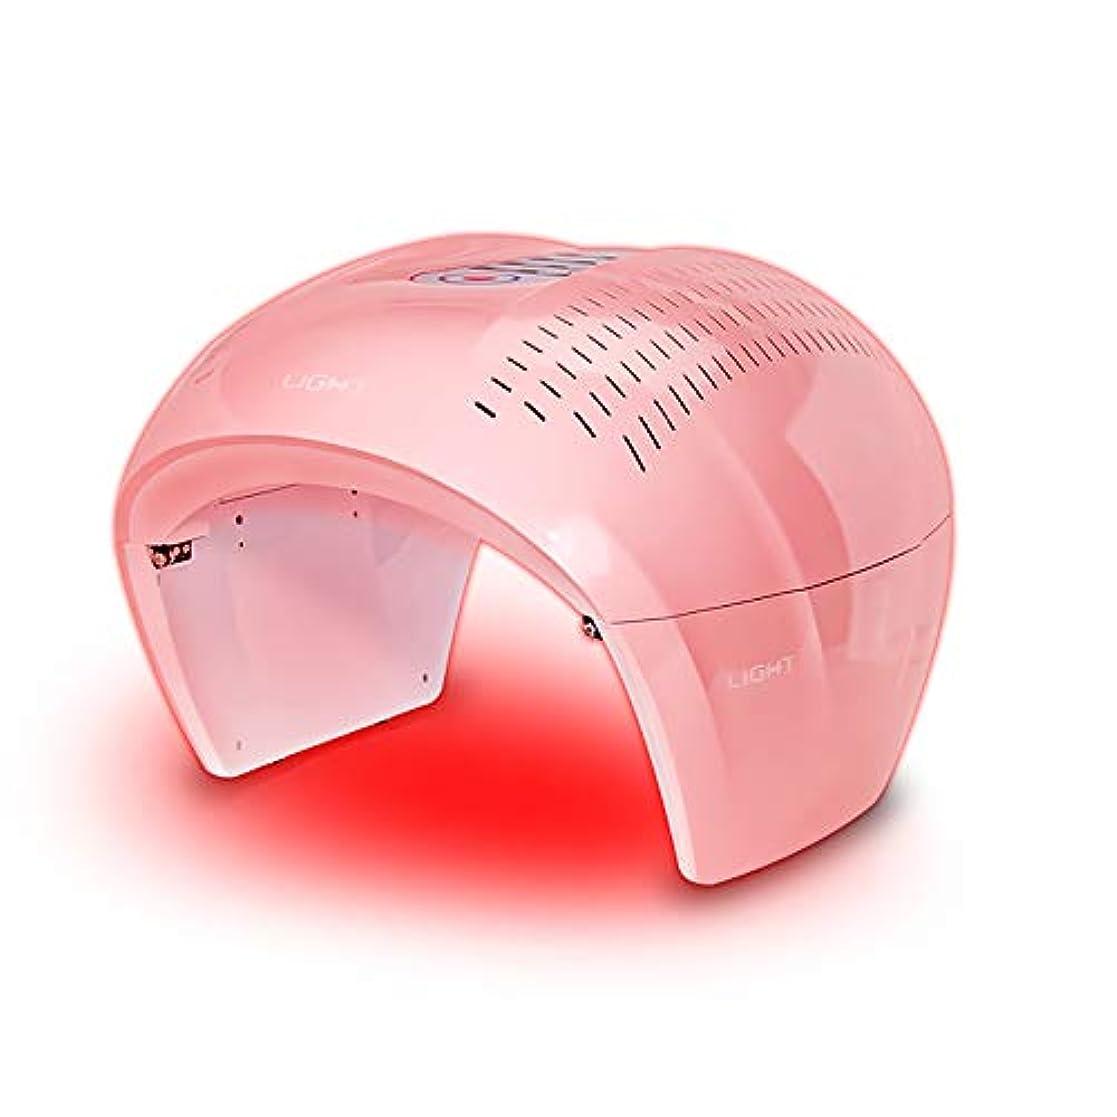 ケージバーチャル発症フェイシャルスキンケアマスク、7色LEDマスクフォトンライトスキンリジュビネーションセラピーフェイシャルスキンケアマスク(ピンク)